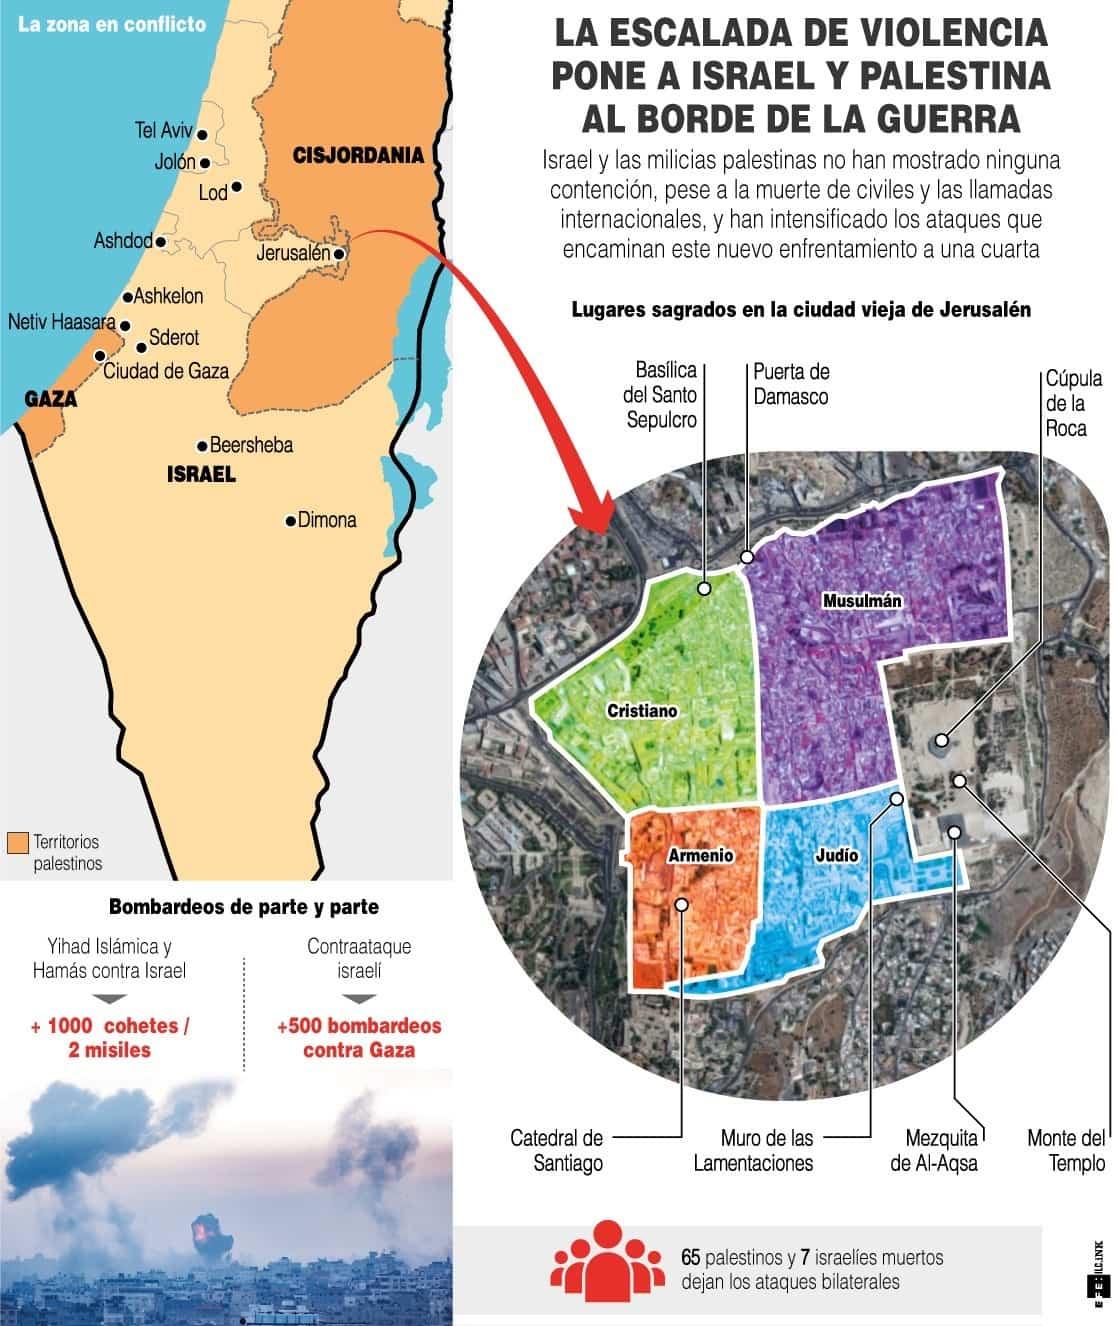 [Infografía] - La escalada de violencia pone a Israel y Palestina al borde de la Guerra 1